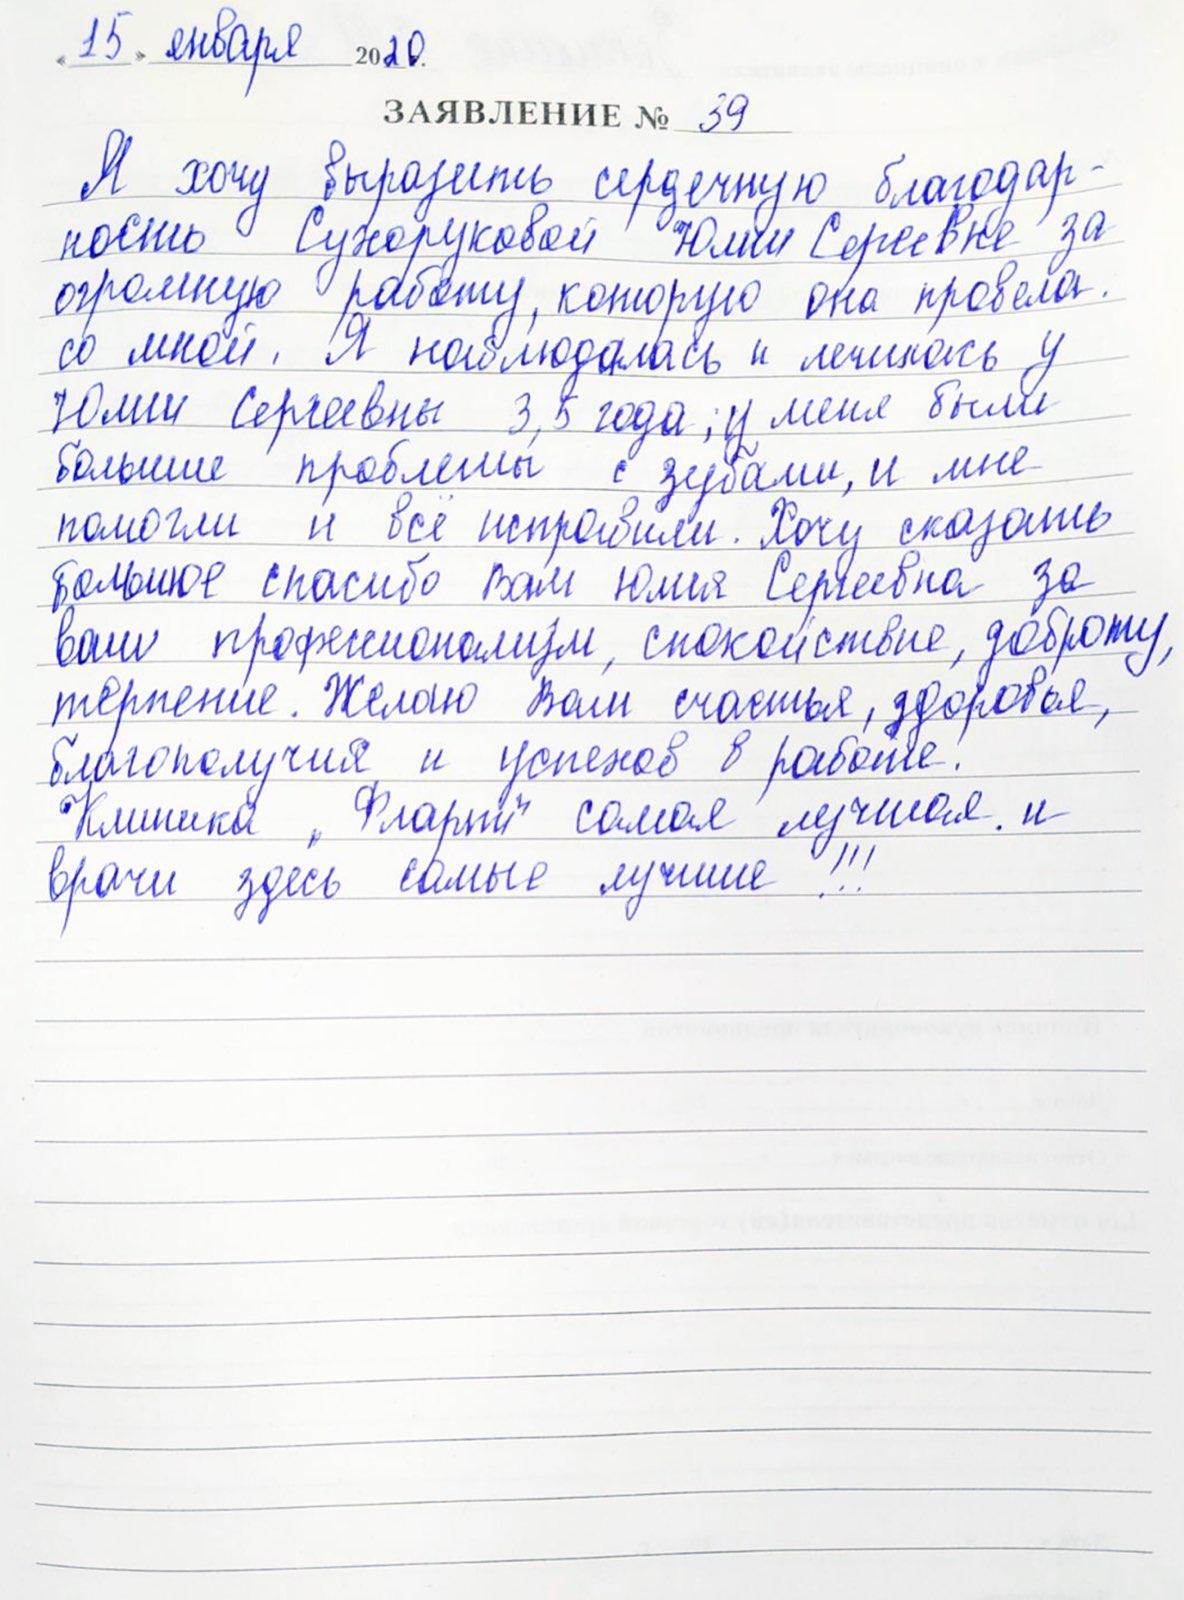 <em>Редактировать Отзыв</em> Елена Ивановна. Стоматология Фларт